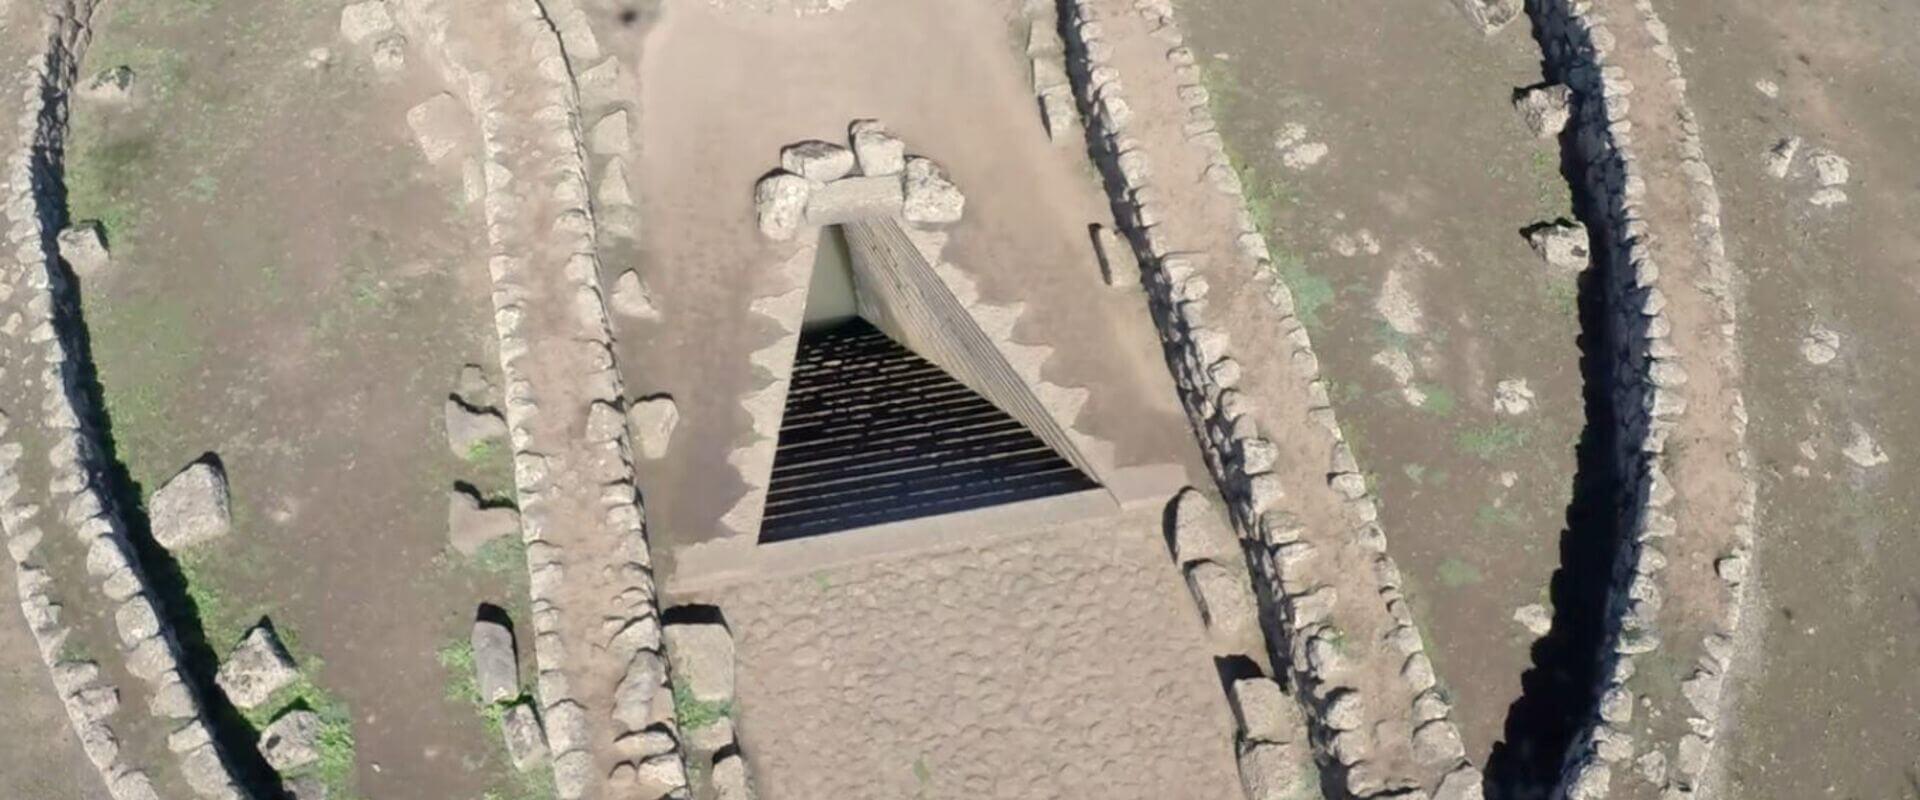 Parco Archeologico di Santa Cristina